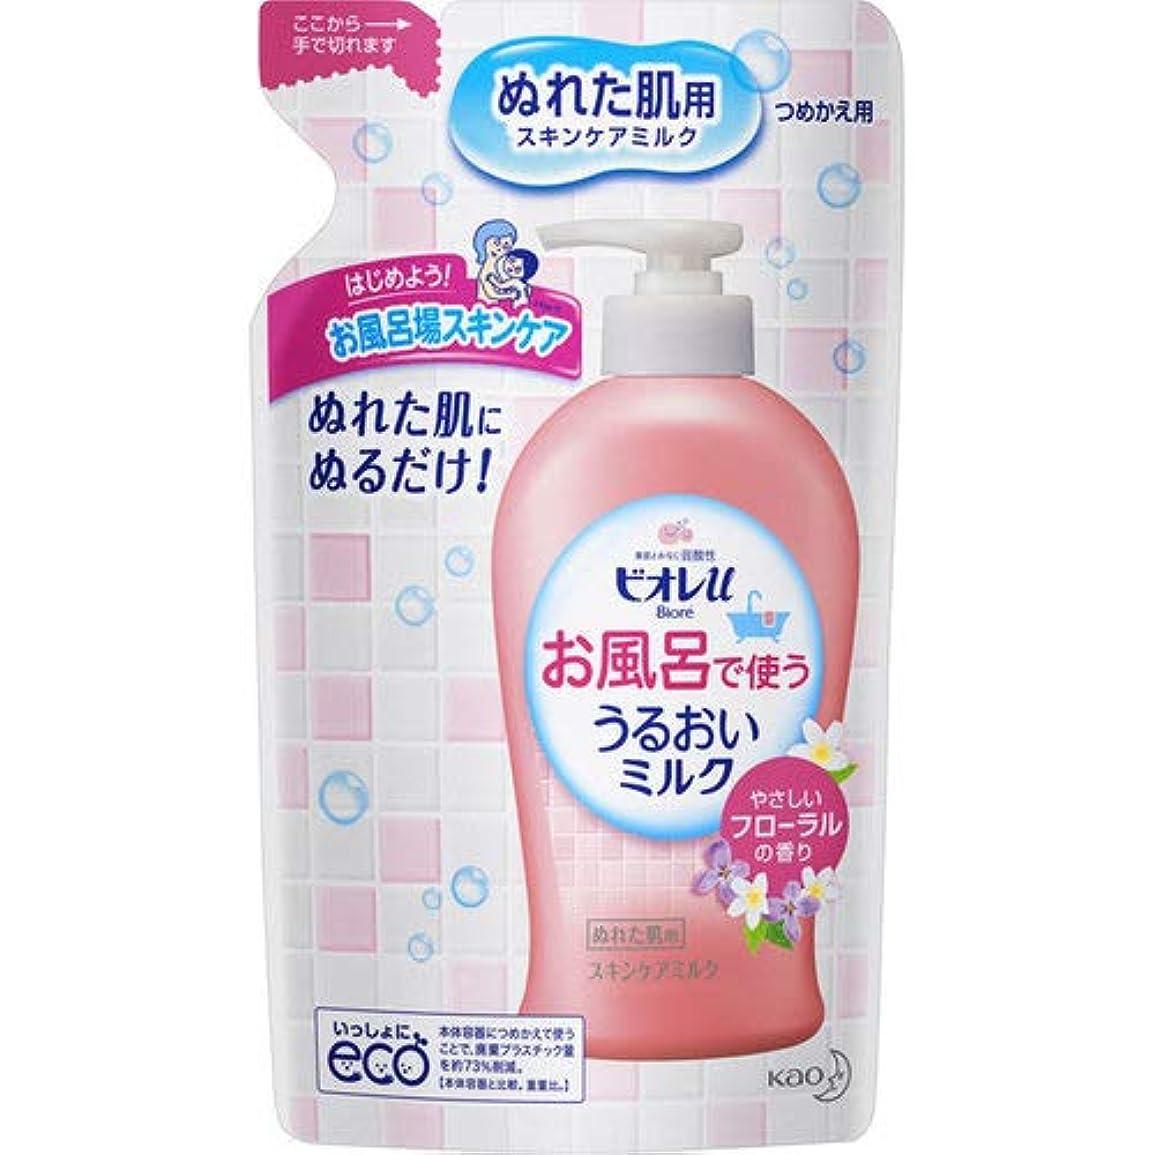 良いタック光沢ビオレu お風呂で使ううるおいミルク フローラル つめかえ用 250mL